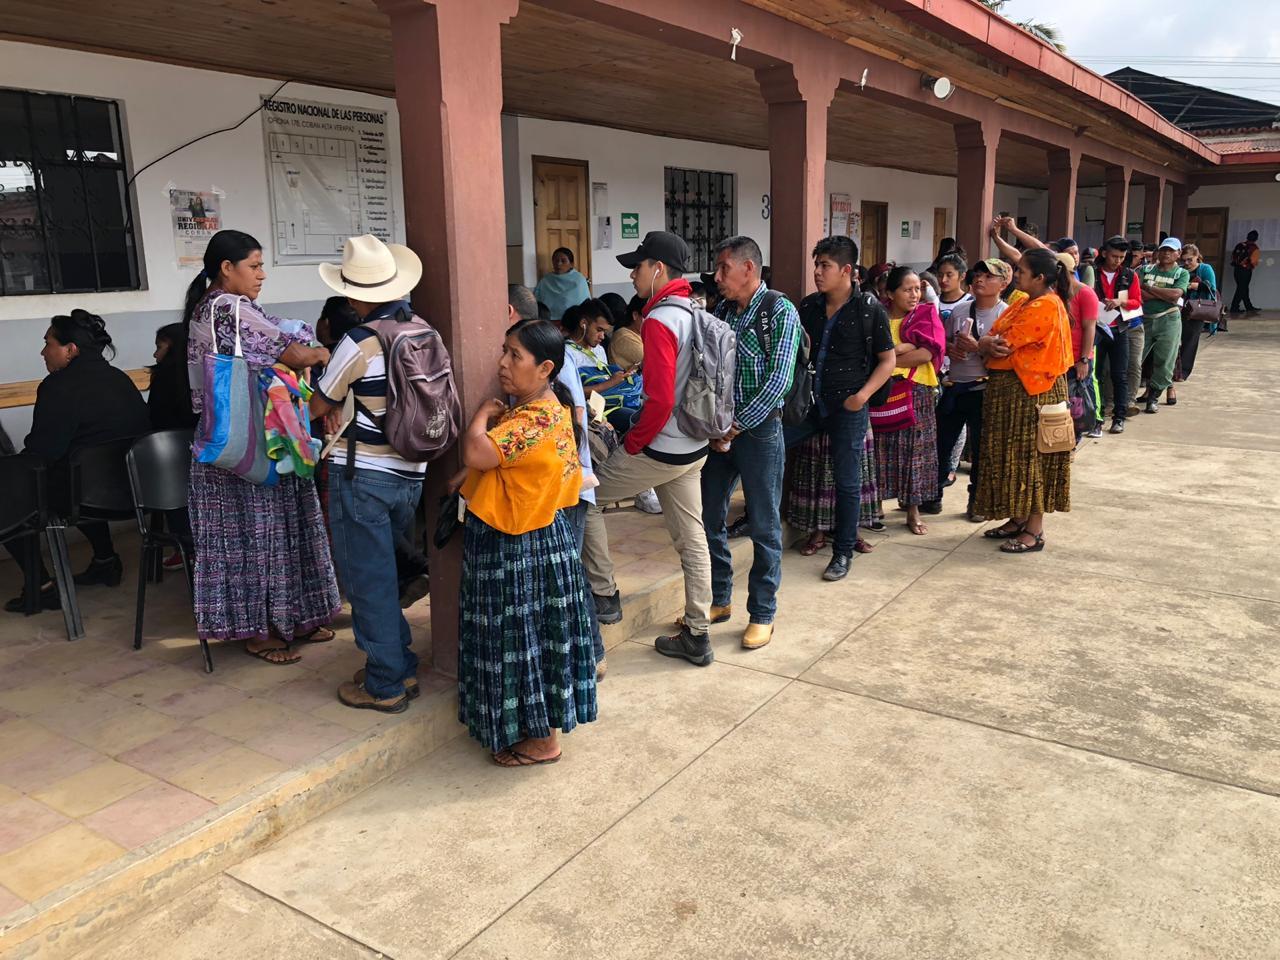 Largas filas se registran en las sedes del Renap a nivel nacional debido a un problema con sus sistemas informáticos. (Foto Prensa Libre: Eduardo Sam)